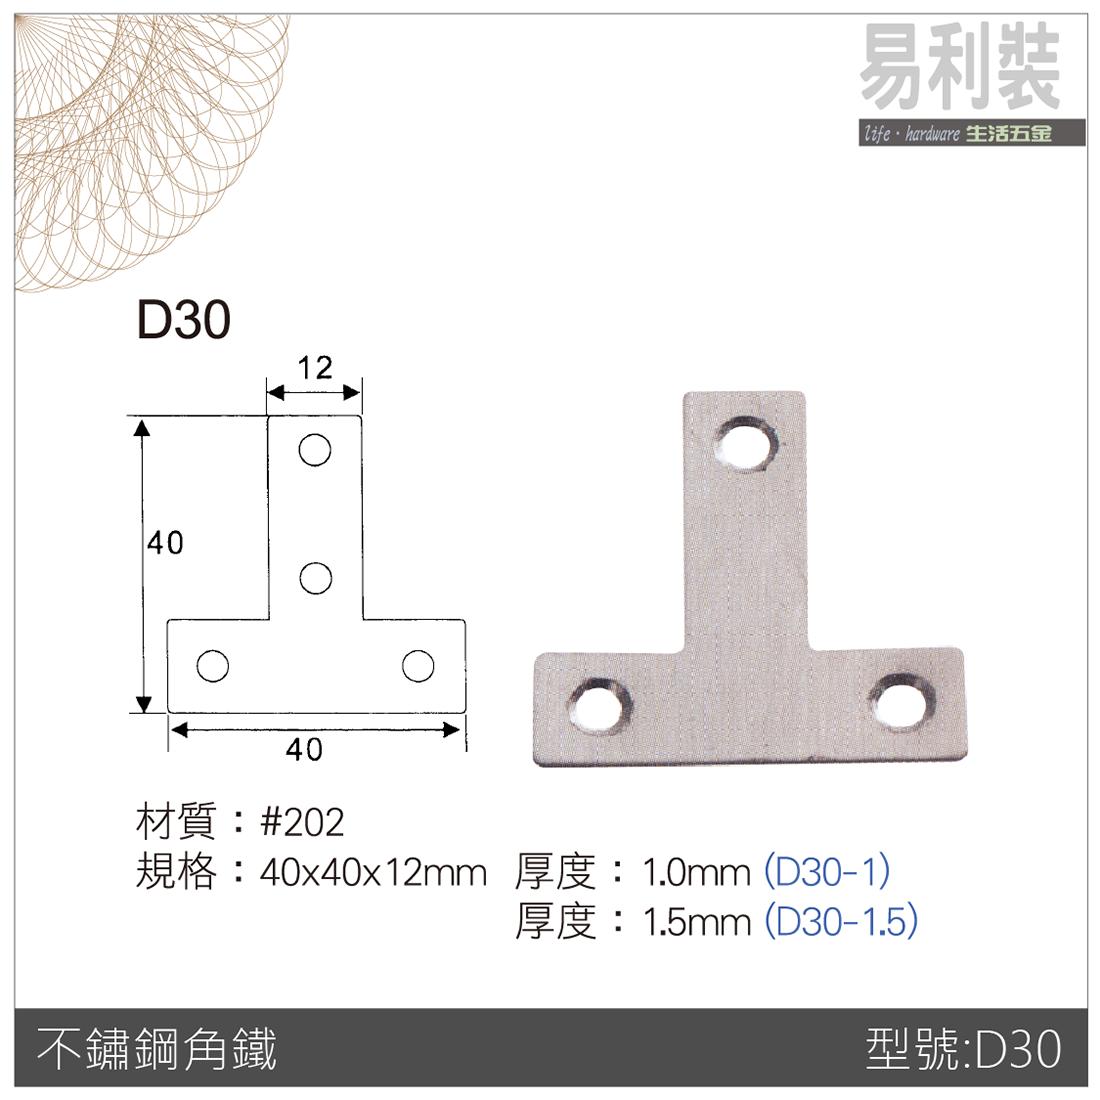 【 EASYCAN 】D30 不鏽鋼 角碼 1包10片 易利裝生活五金 角鐵 轉角片 補強 房間 臥房 客廳 餐廳 櫥櫃 衣櫃 小資族 辦公家具 系統家具